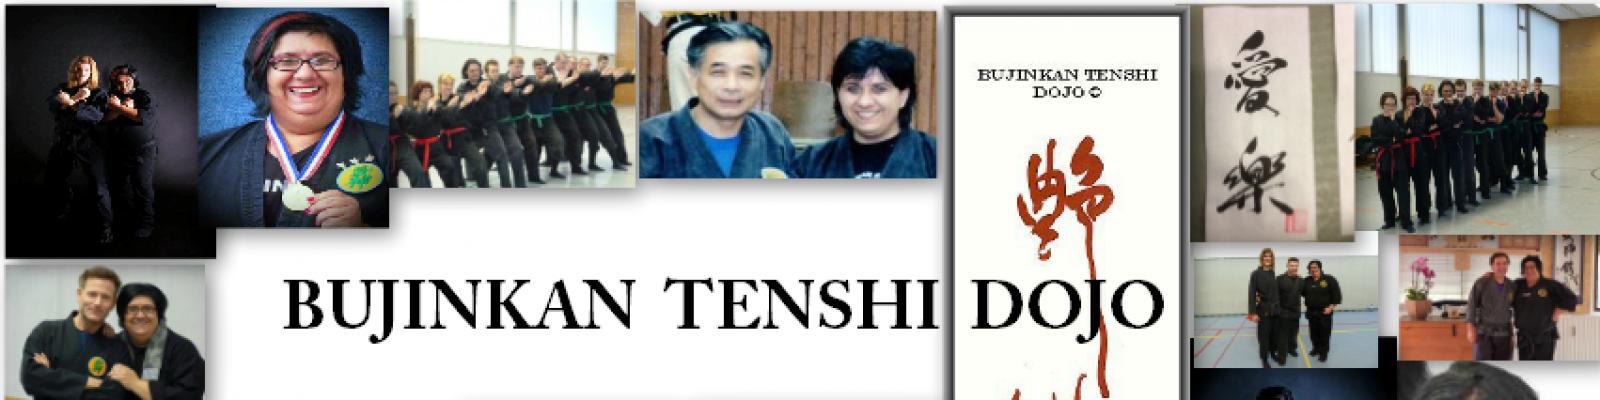 Bujinkan Tenshi Dojo